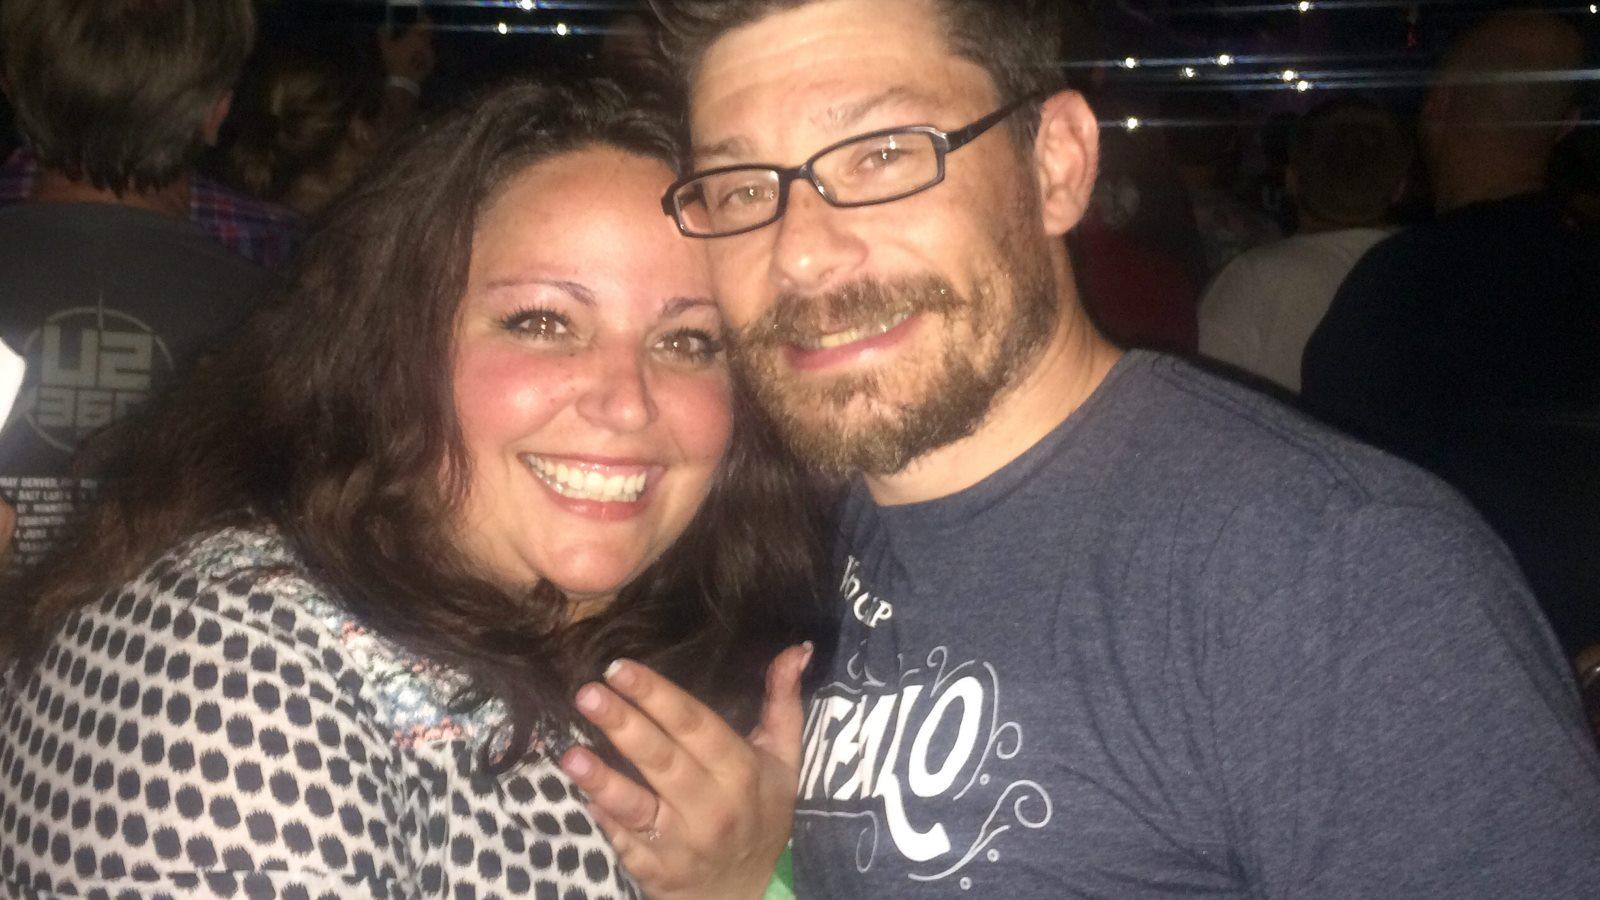 The newly engaged Katie Krawczyk with fiance Dan Gigante. (Photo provided by Katie Krawczyk)